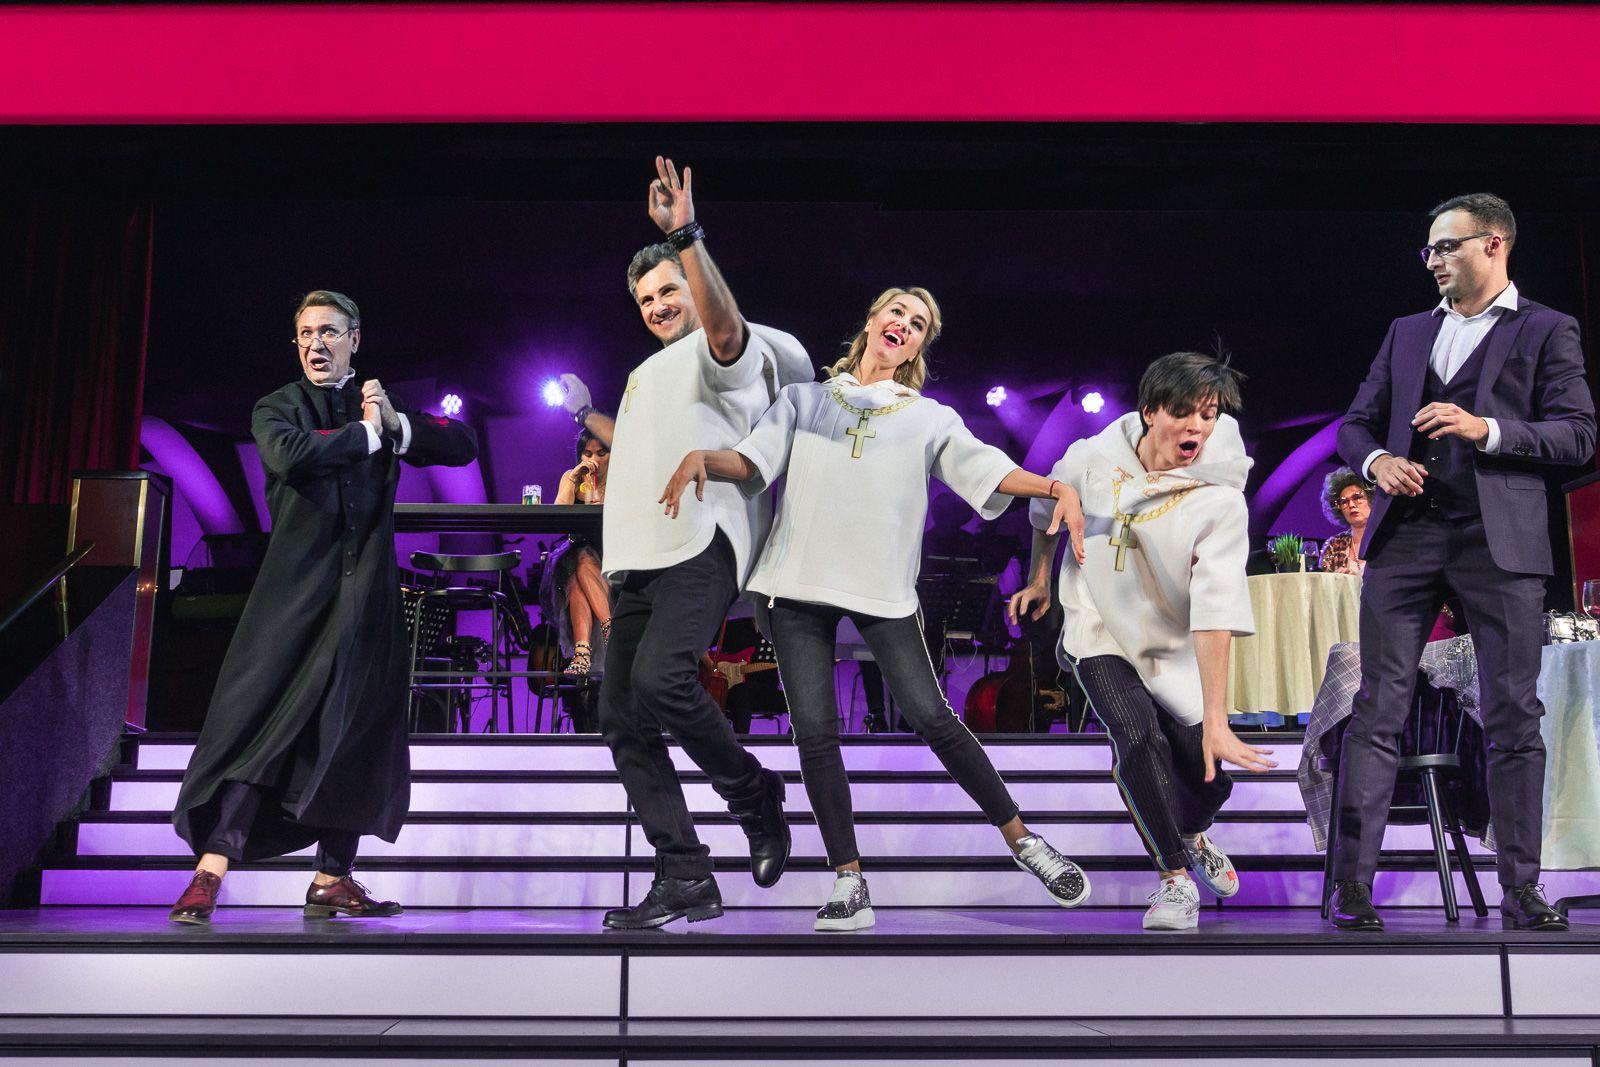 Мюзикл за столиками «Первое свидание» в Театре МДМ фото 3